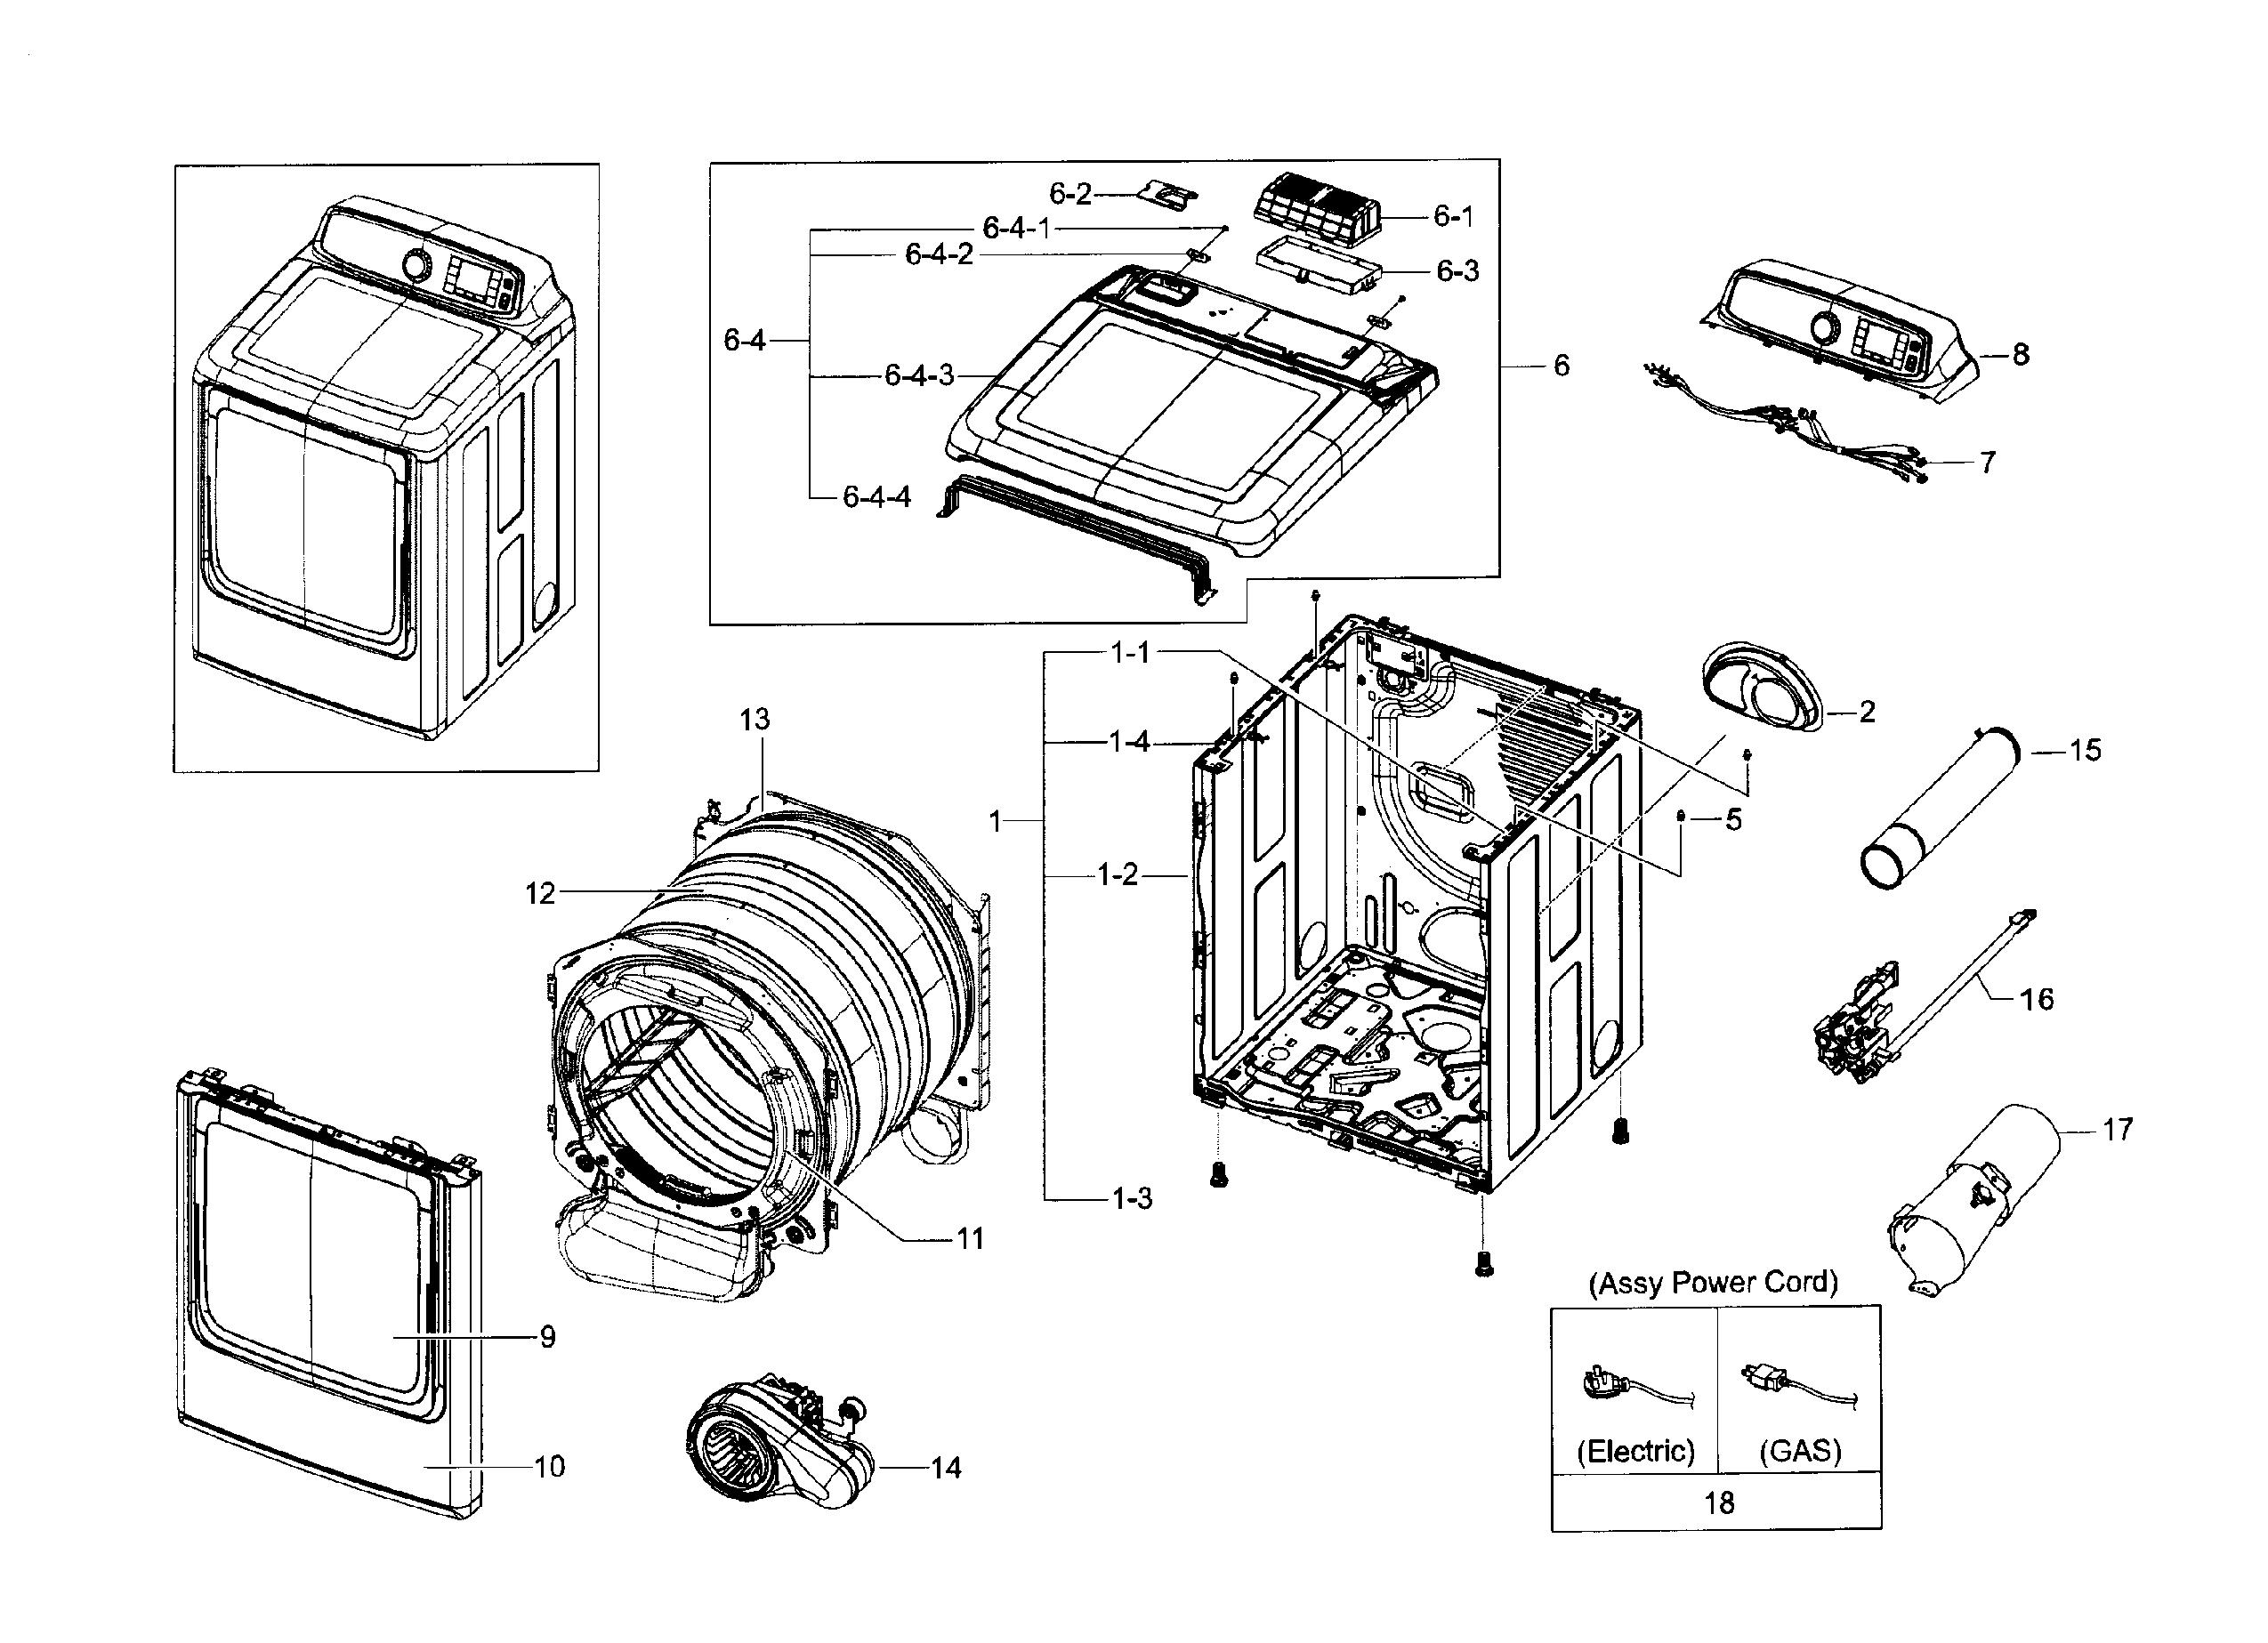 Wiring Diagram: 35 Samsung Dryer Parts Diagram